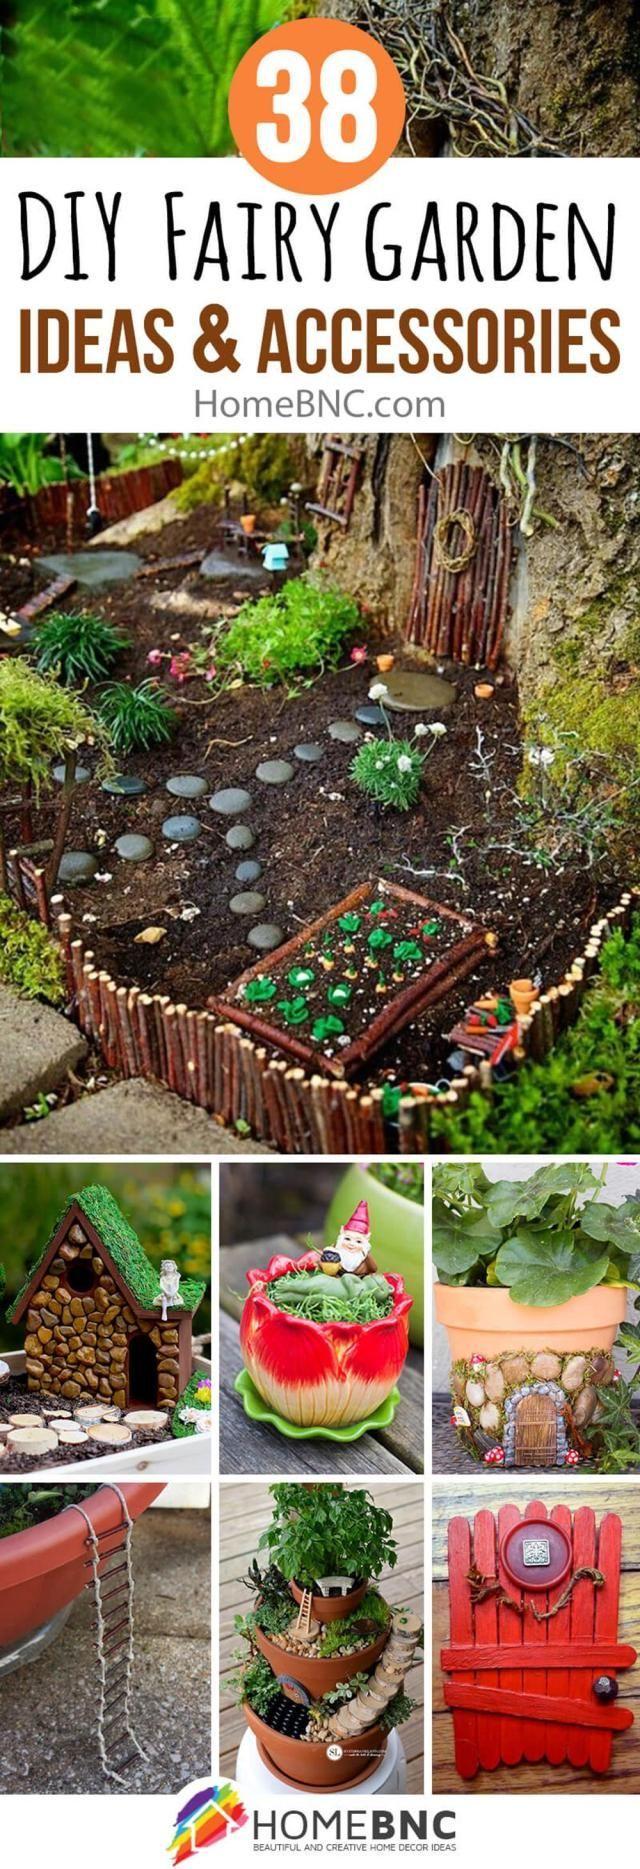 Diy Fairy Garden Accessories 24 Fairy Gardening Pinterest Diy